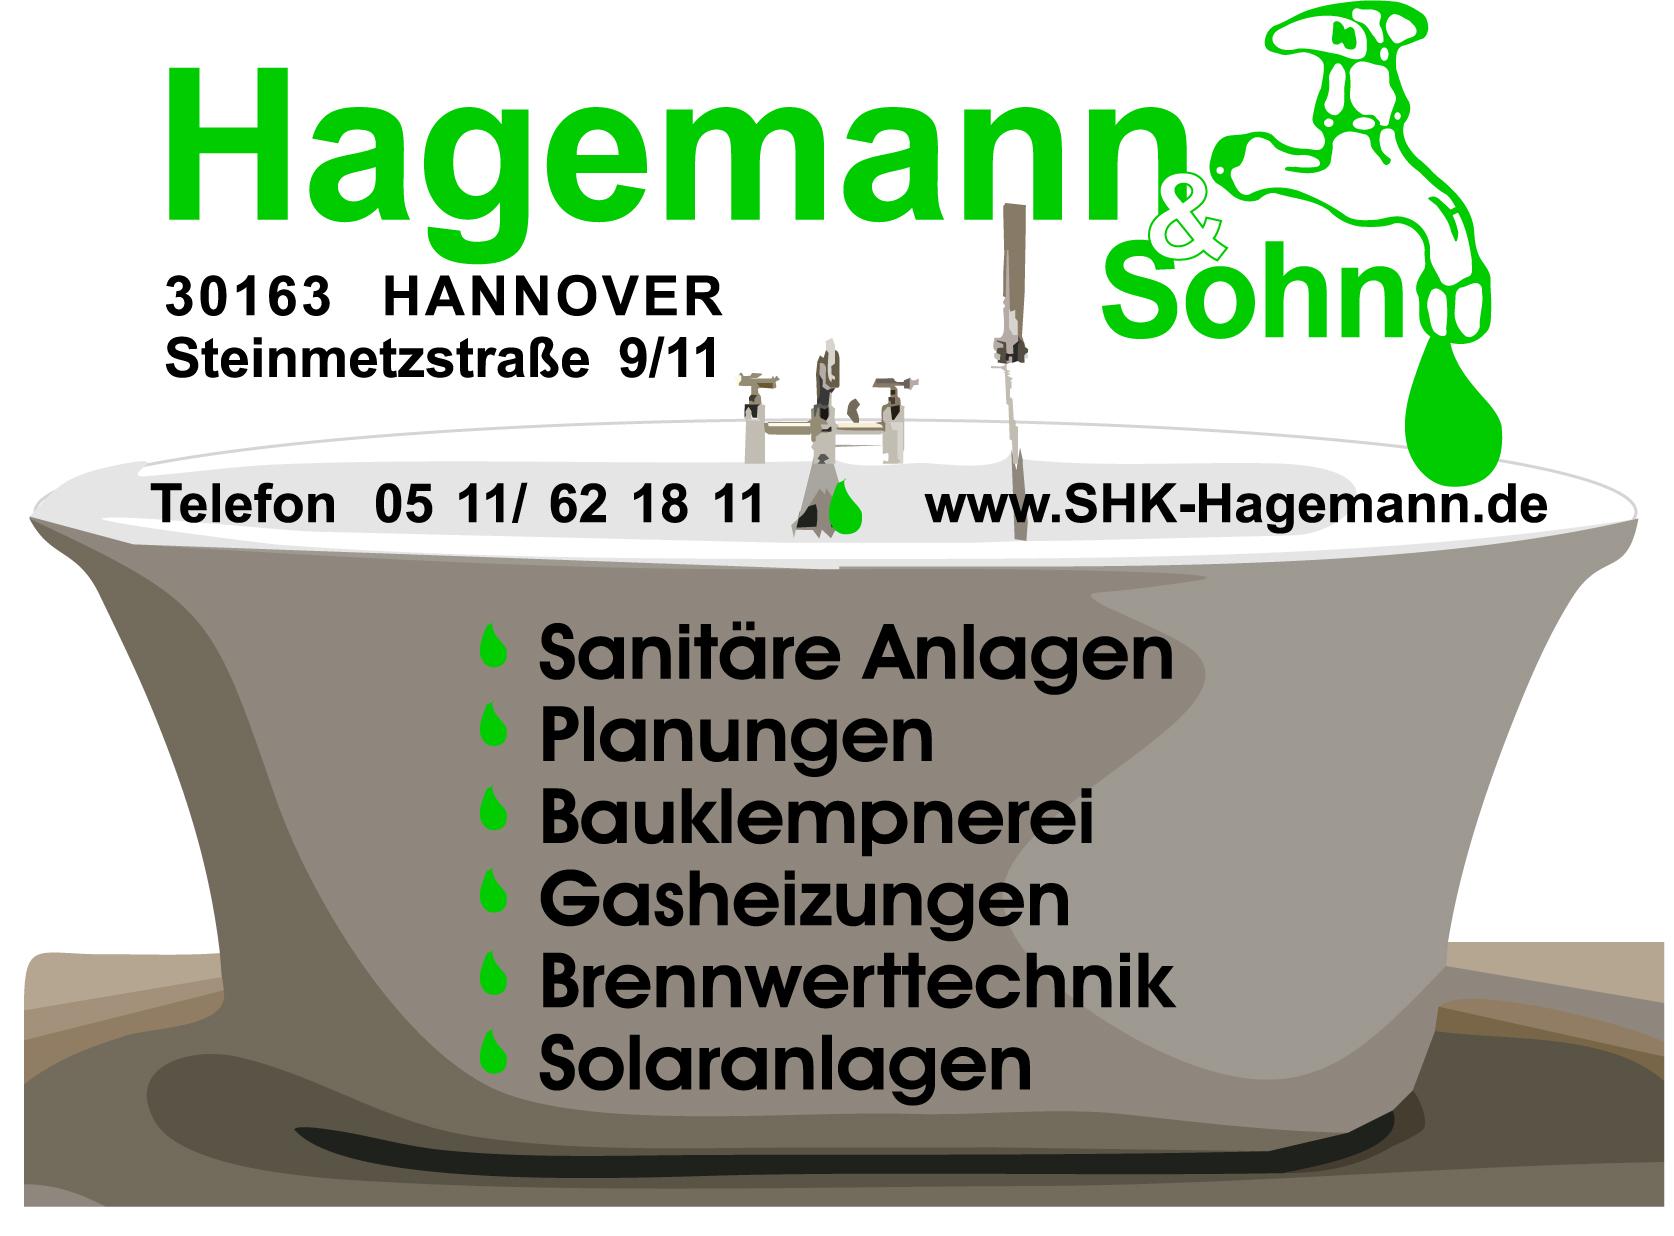 Hagemann & Sohn